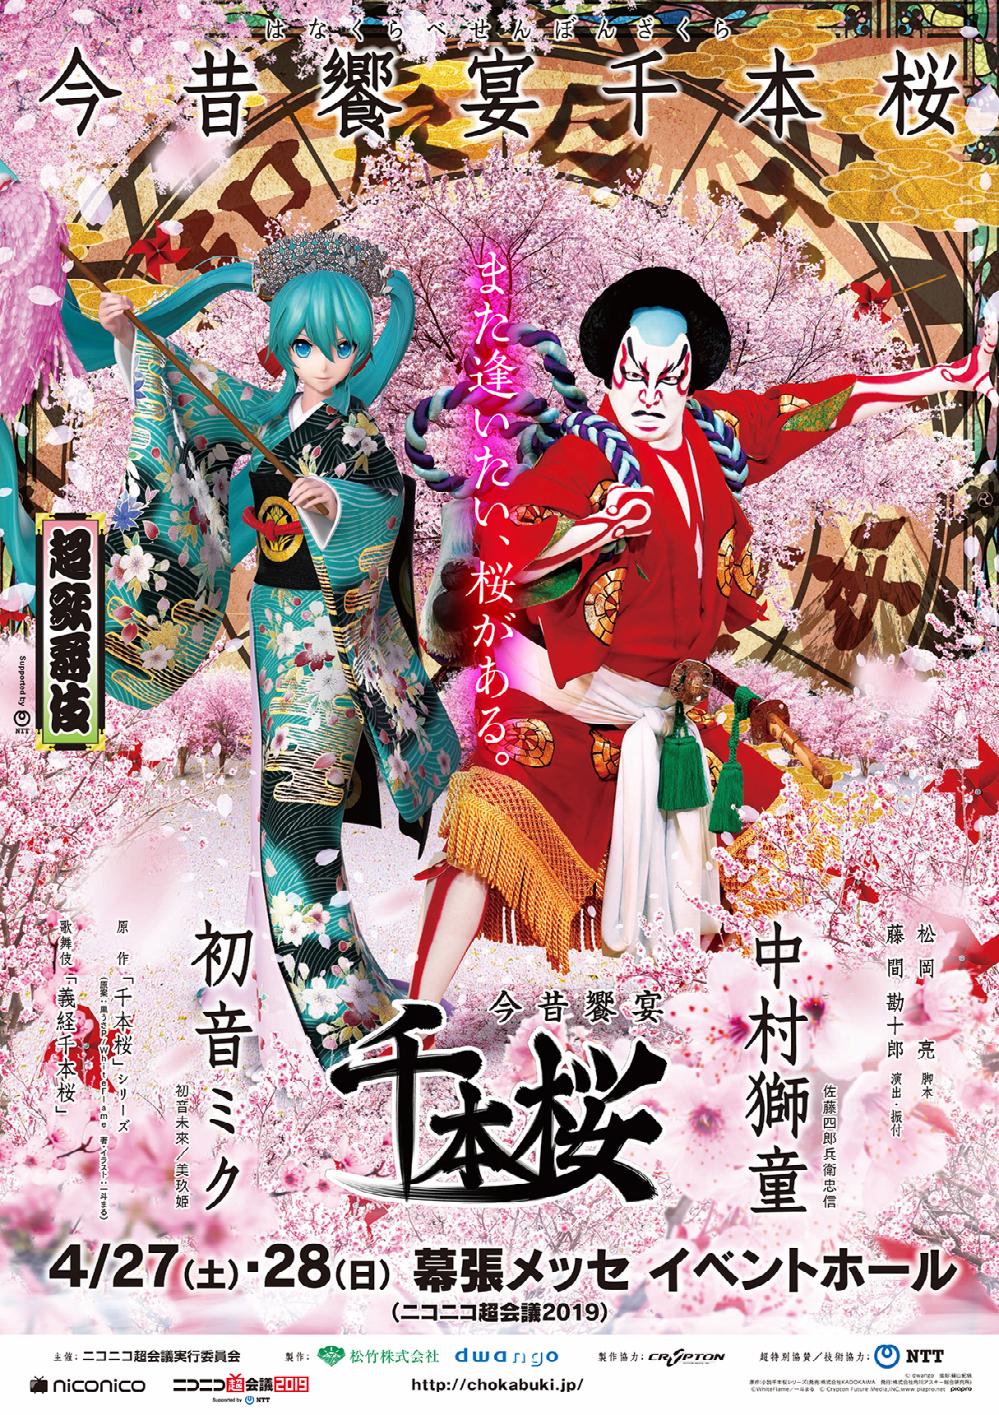 獅童、超歌舞伎『今昔饗宴千本桜』に向けて